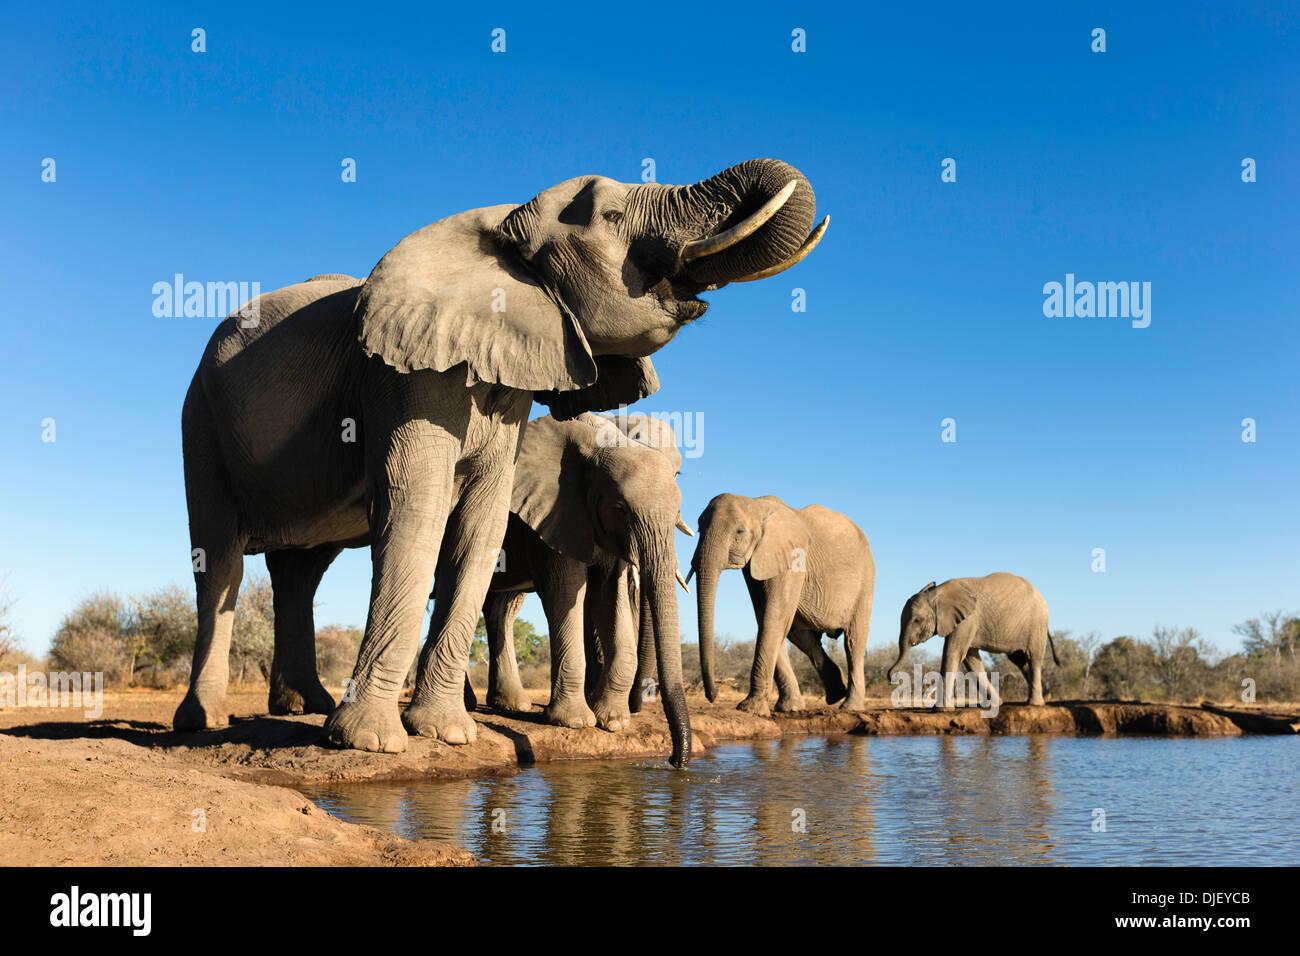 Elefante africano (Loxodonta africana), pequeño grupo de elefantes bebiendo en un abrevadero en la Reserva de Caza de Mashatu.Botswana Imagen De Stock